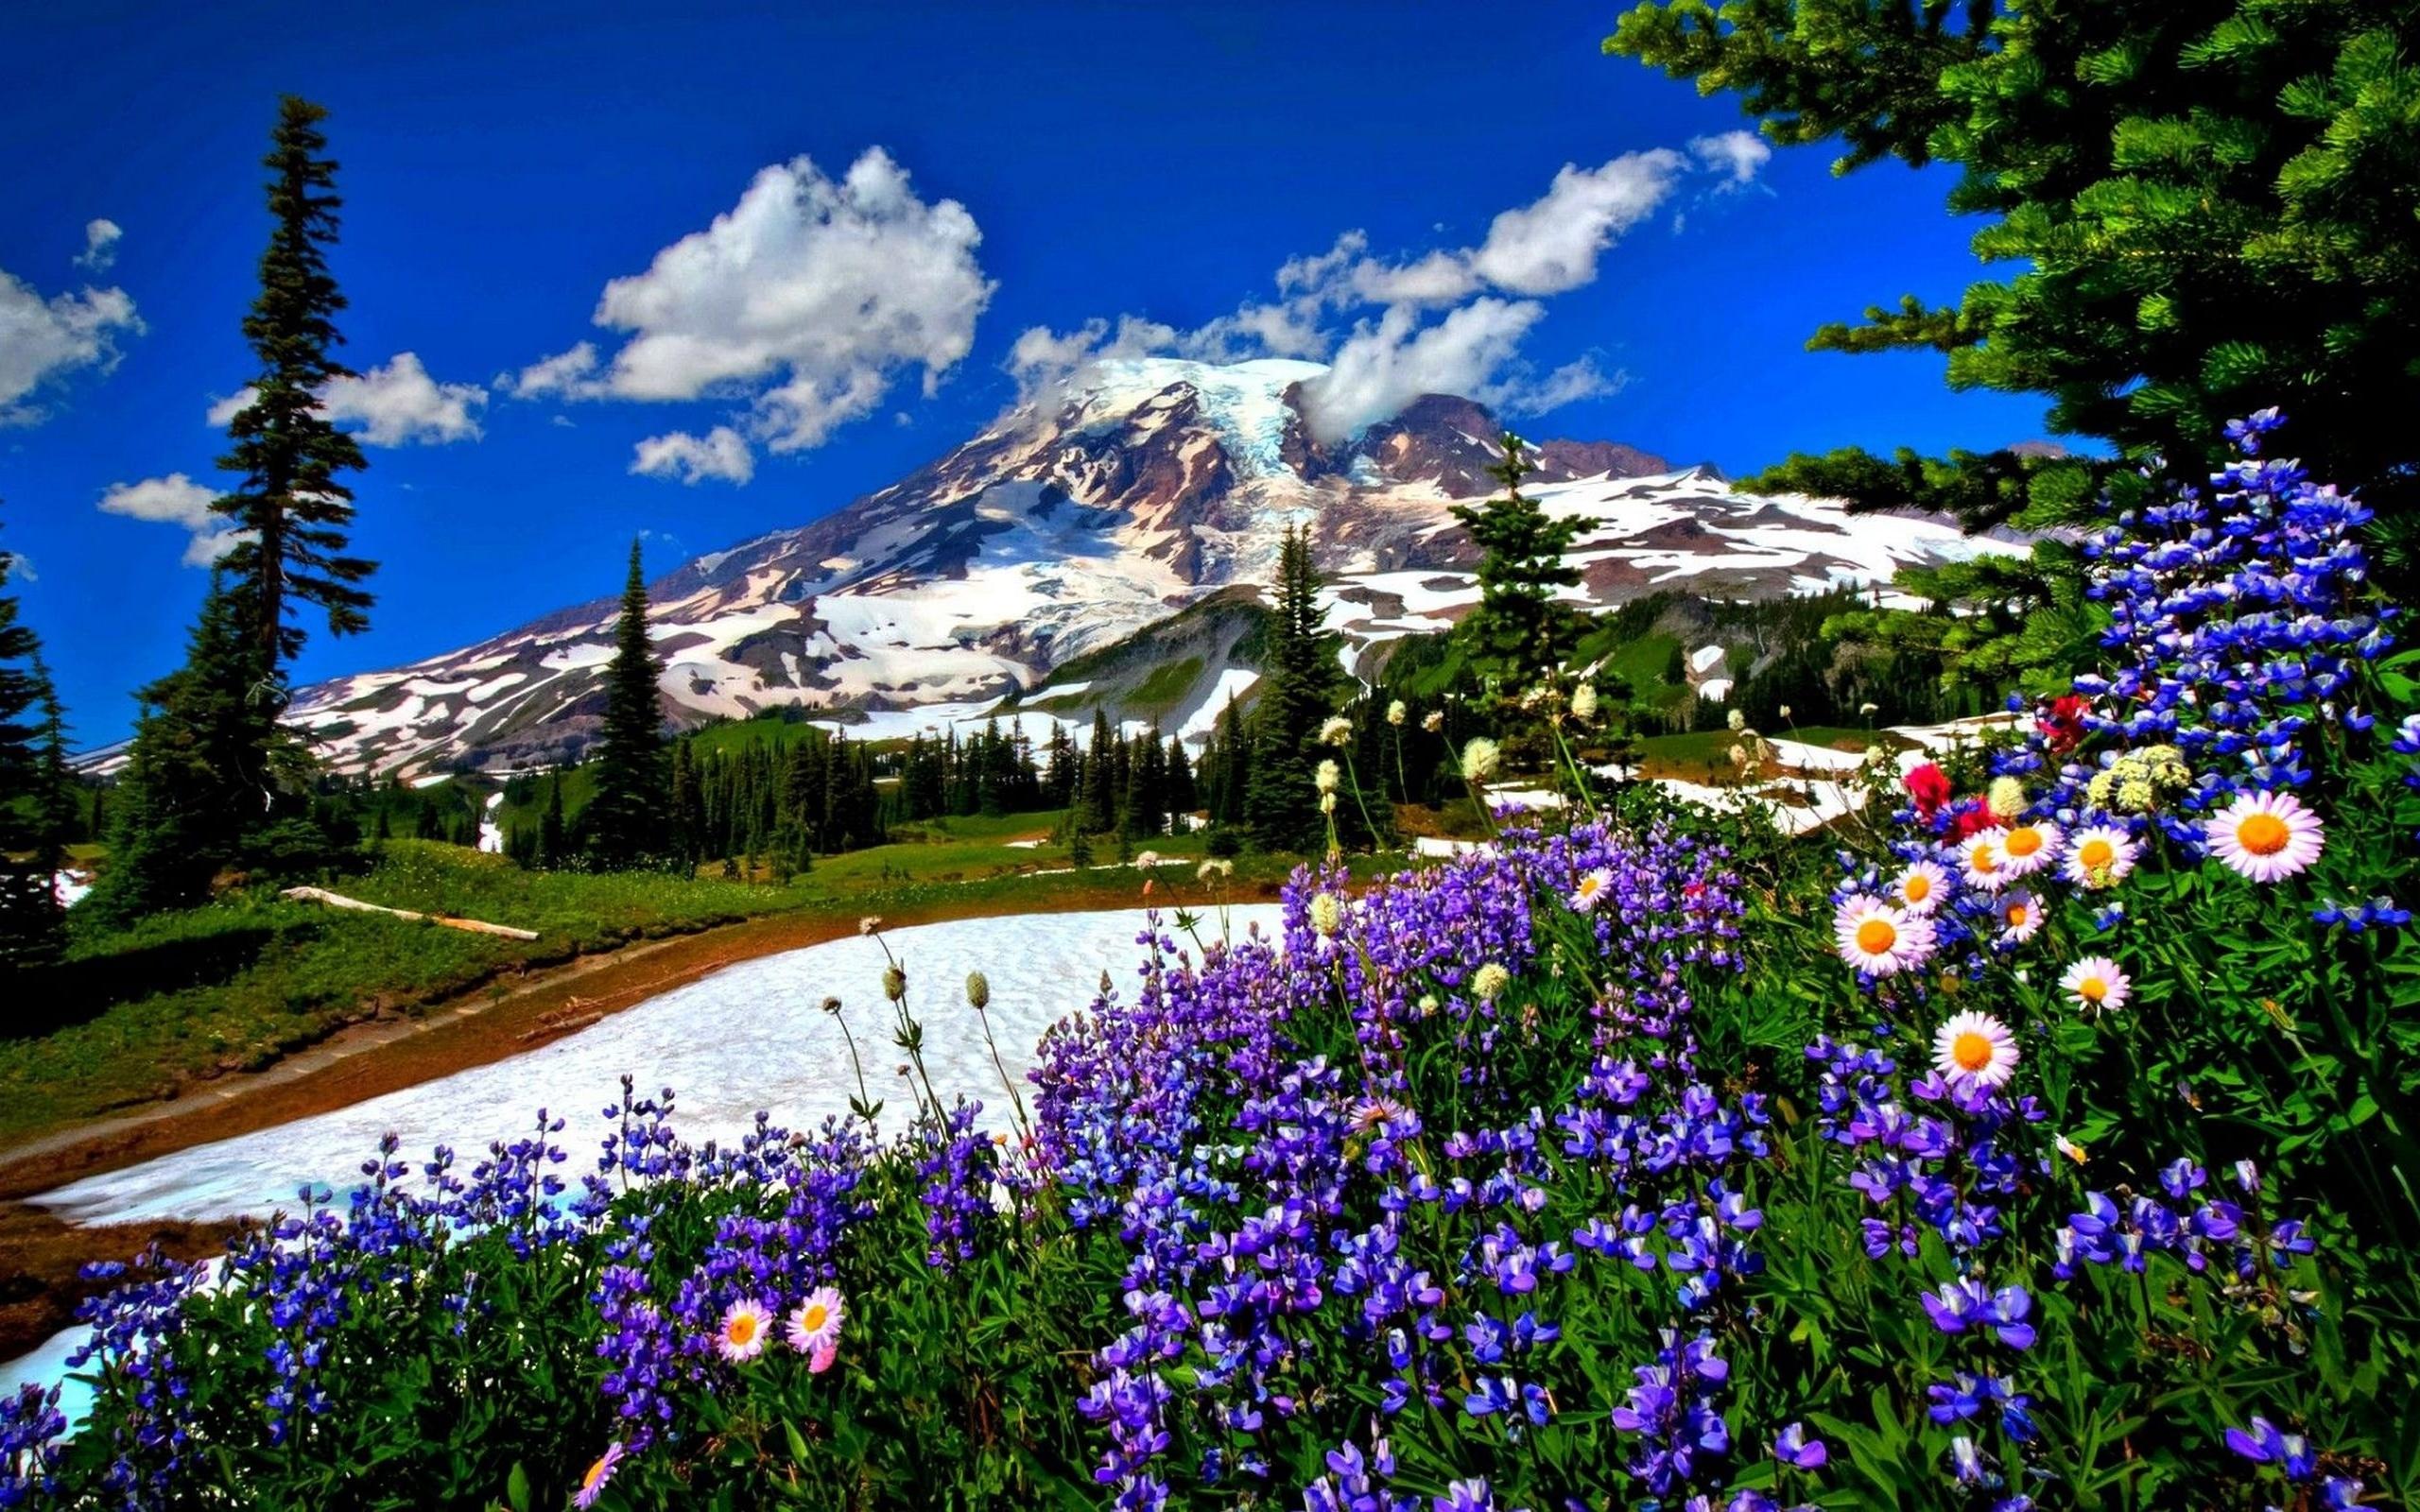 пейзаж картинки с цветами спасибо тем немногим